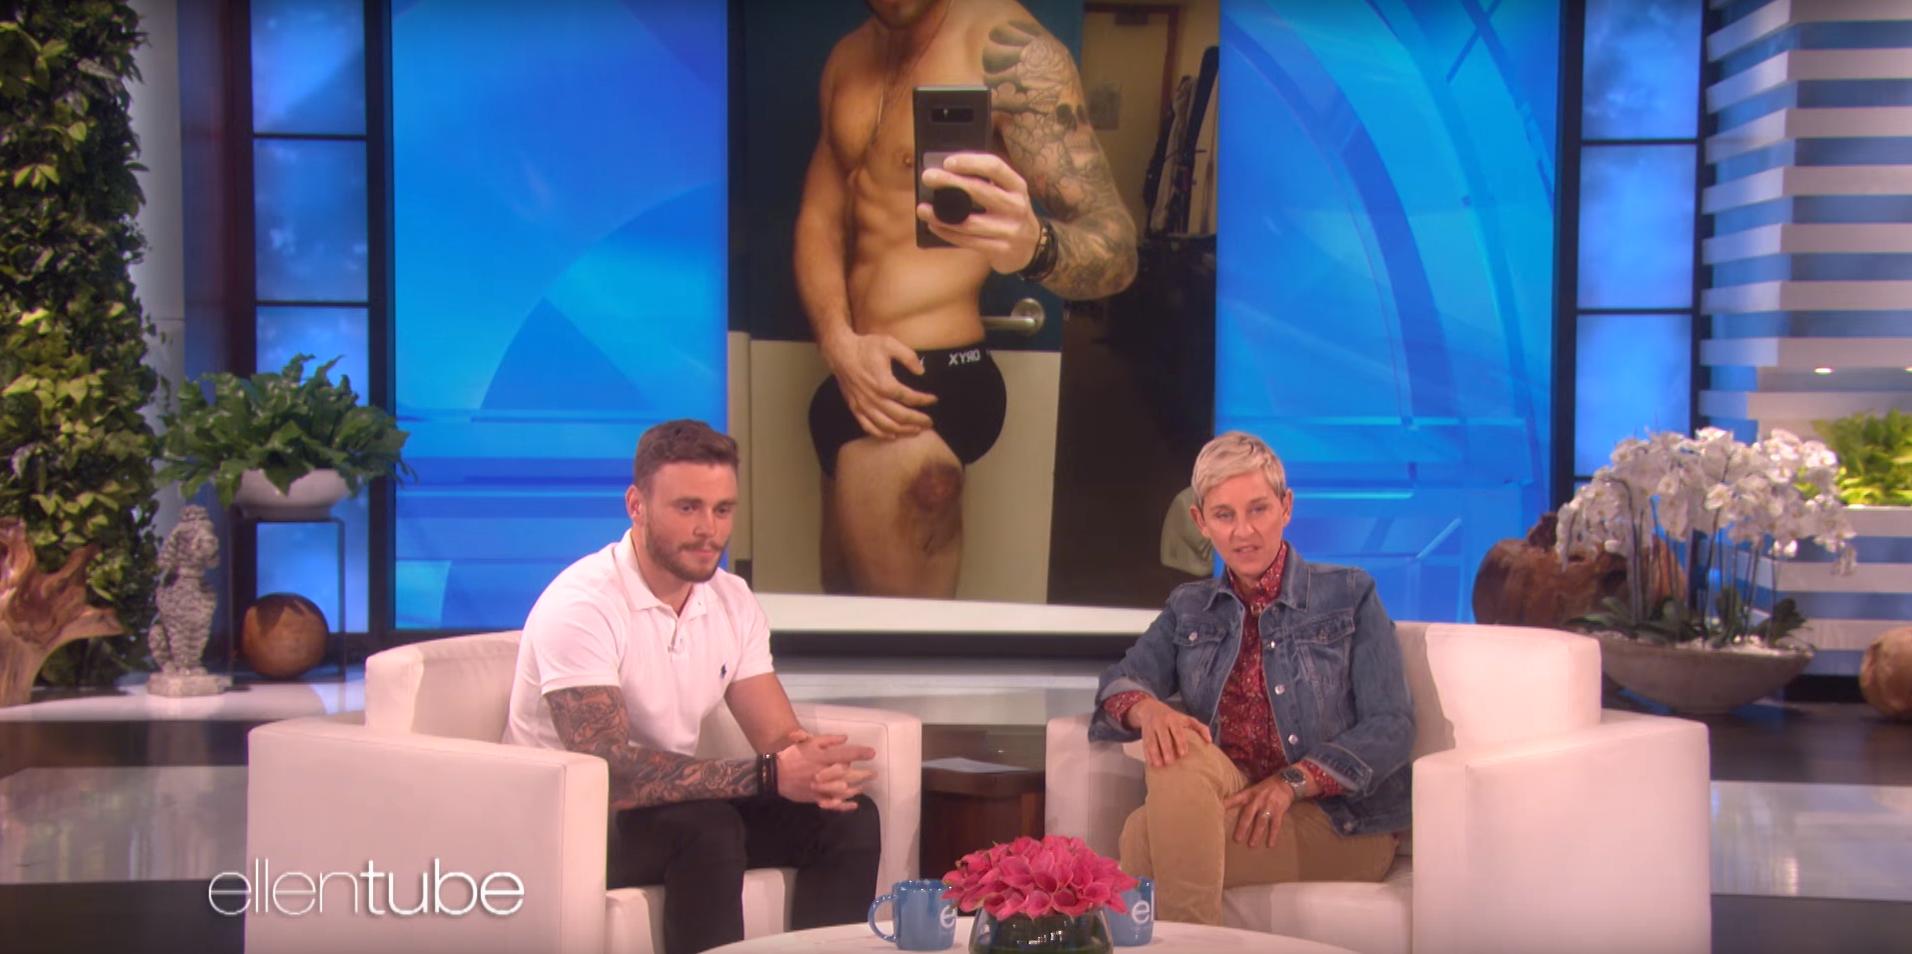 İzleyin: Gus Kenworthy, Çıplak Pozlarını Ellen'a Anlattı